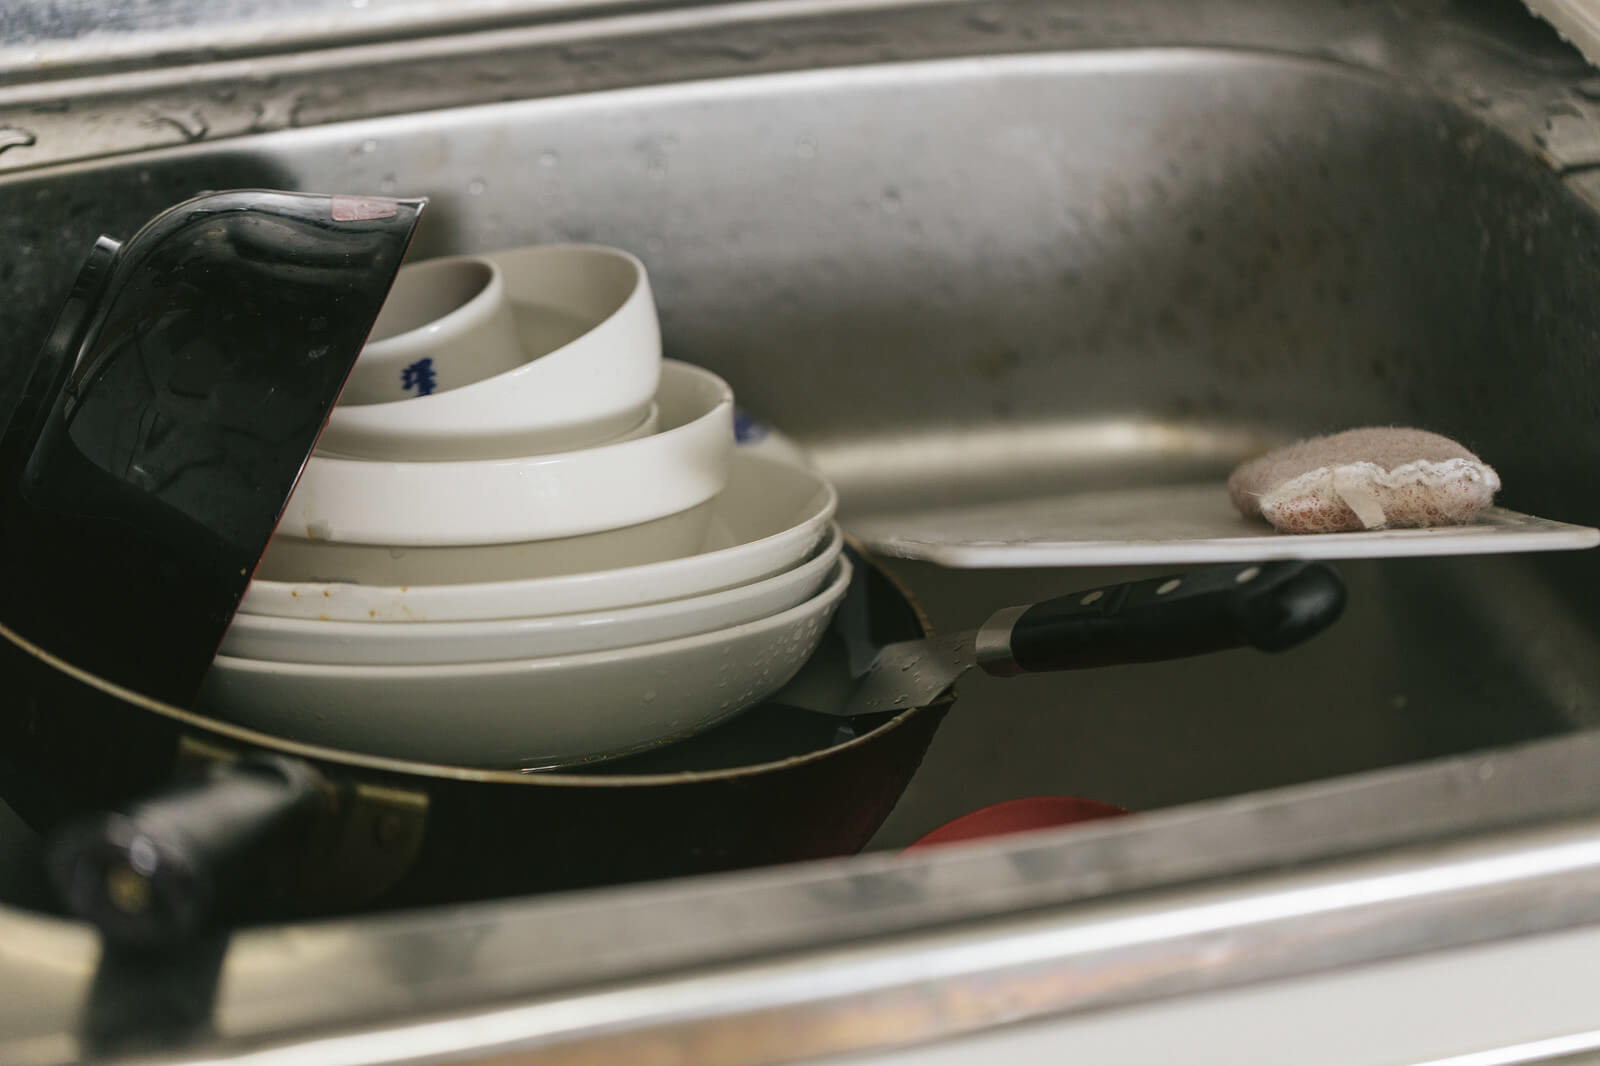 シンクに溜まった食器の画像